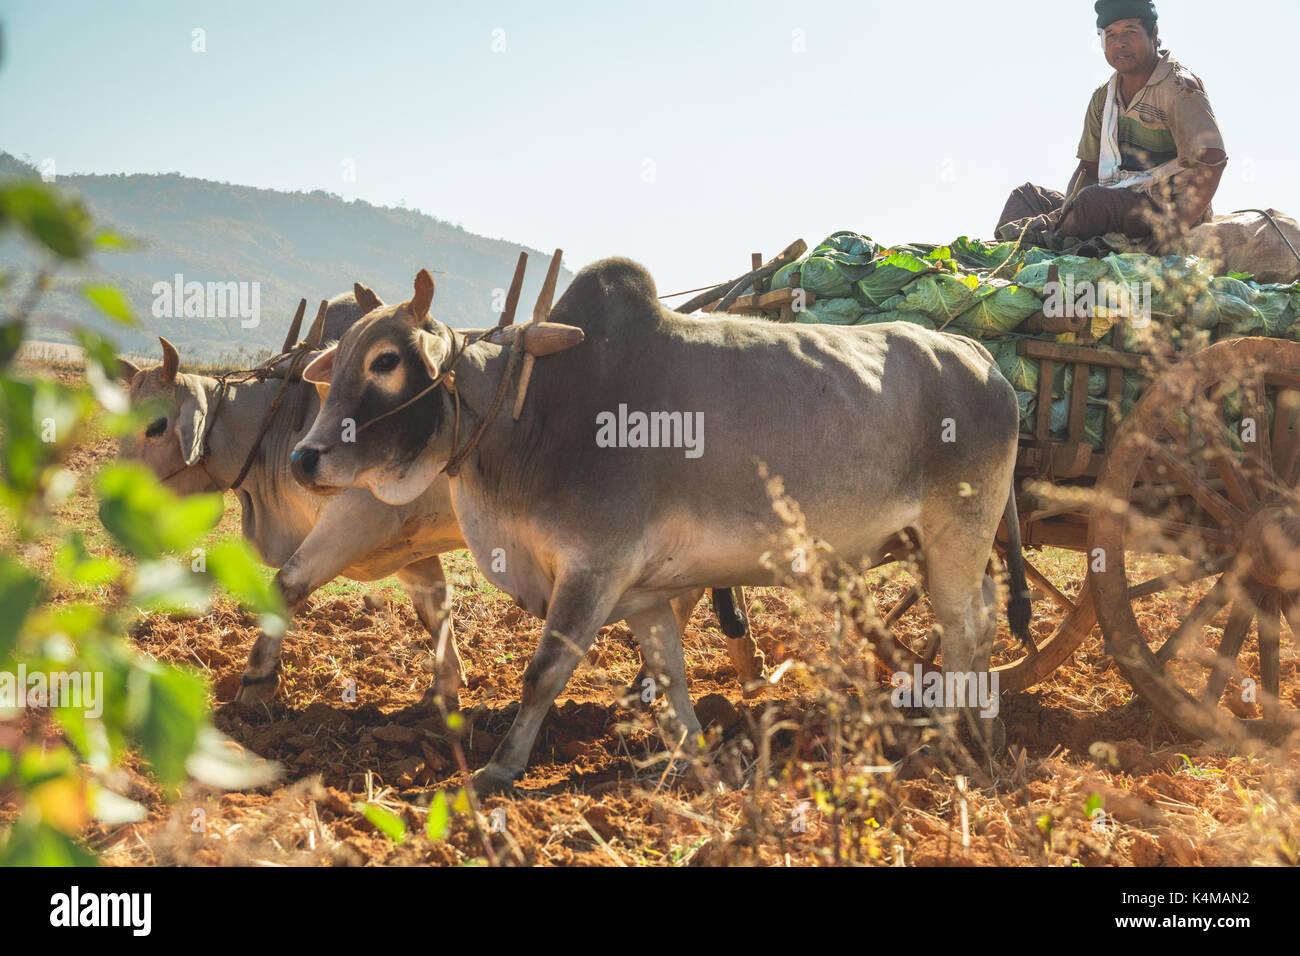 En el estado de Shan, Myanmar, 26 de diciembre de 2013. La vida real en las zonas rurales del estado de Shan, Myanmar, Birmania. Foto de stock